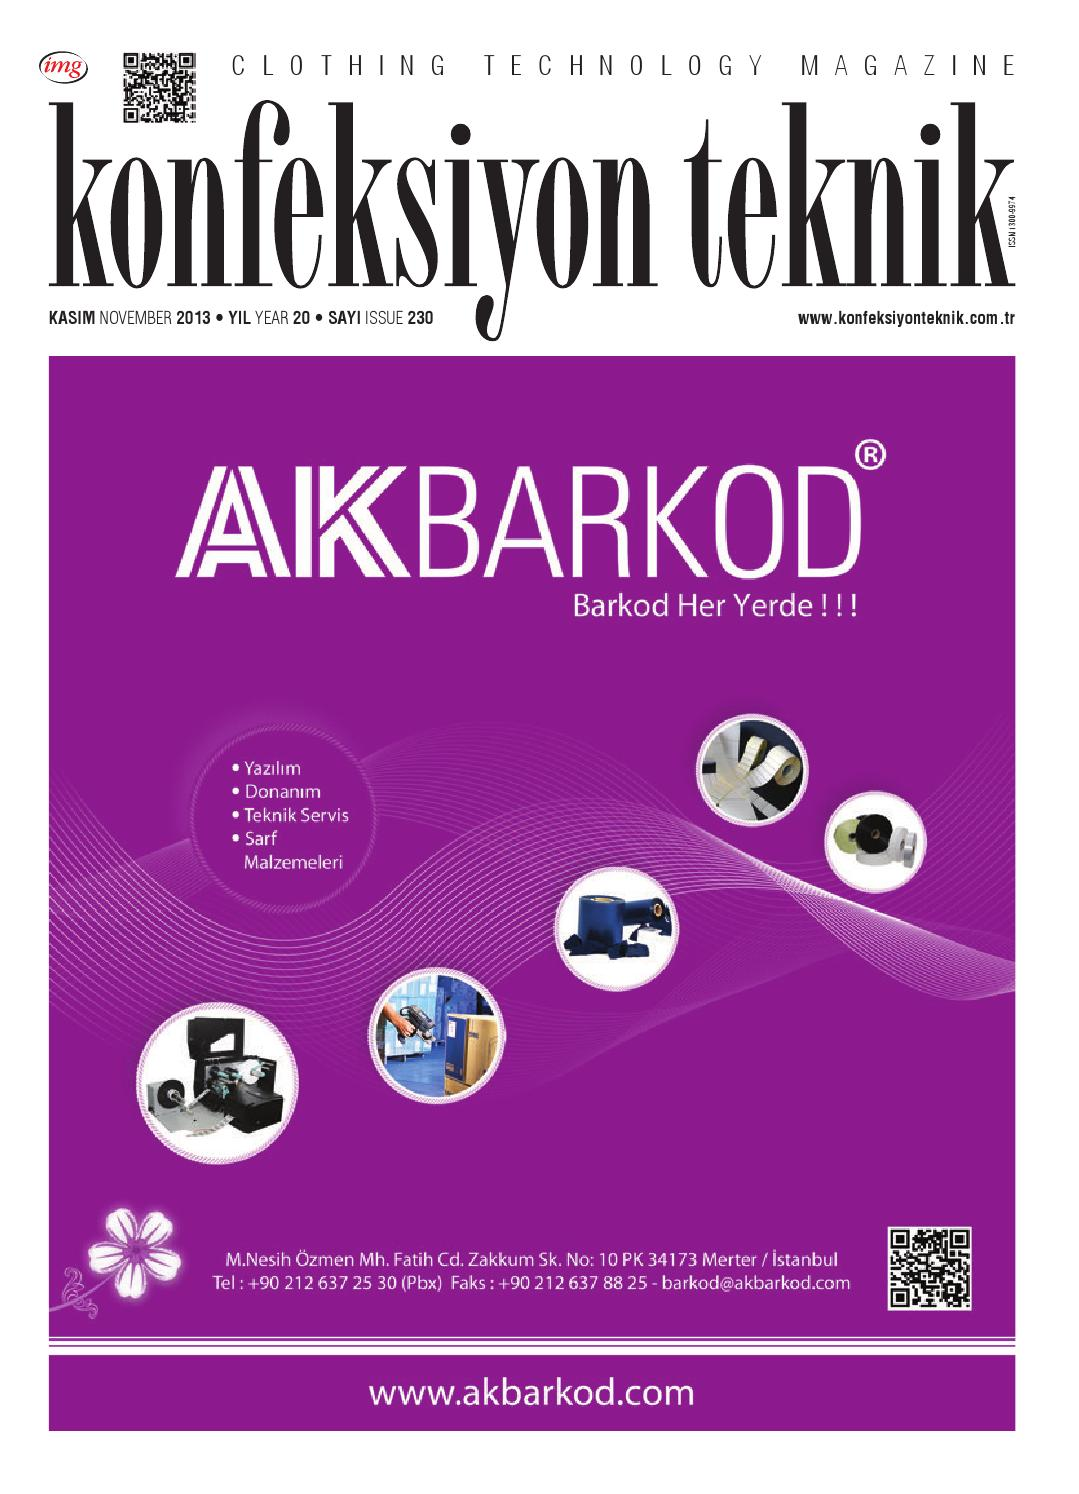 073bb1f5c7845 Konfeksiyon Teknik Kasım'13 by Konfeksiyon Teknik - issuu